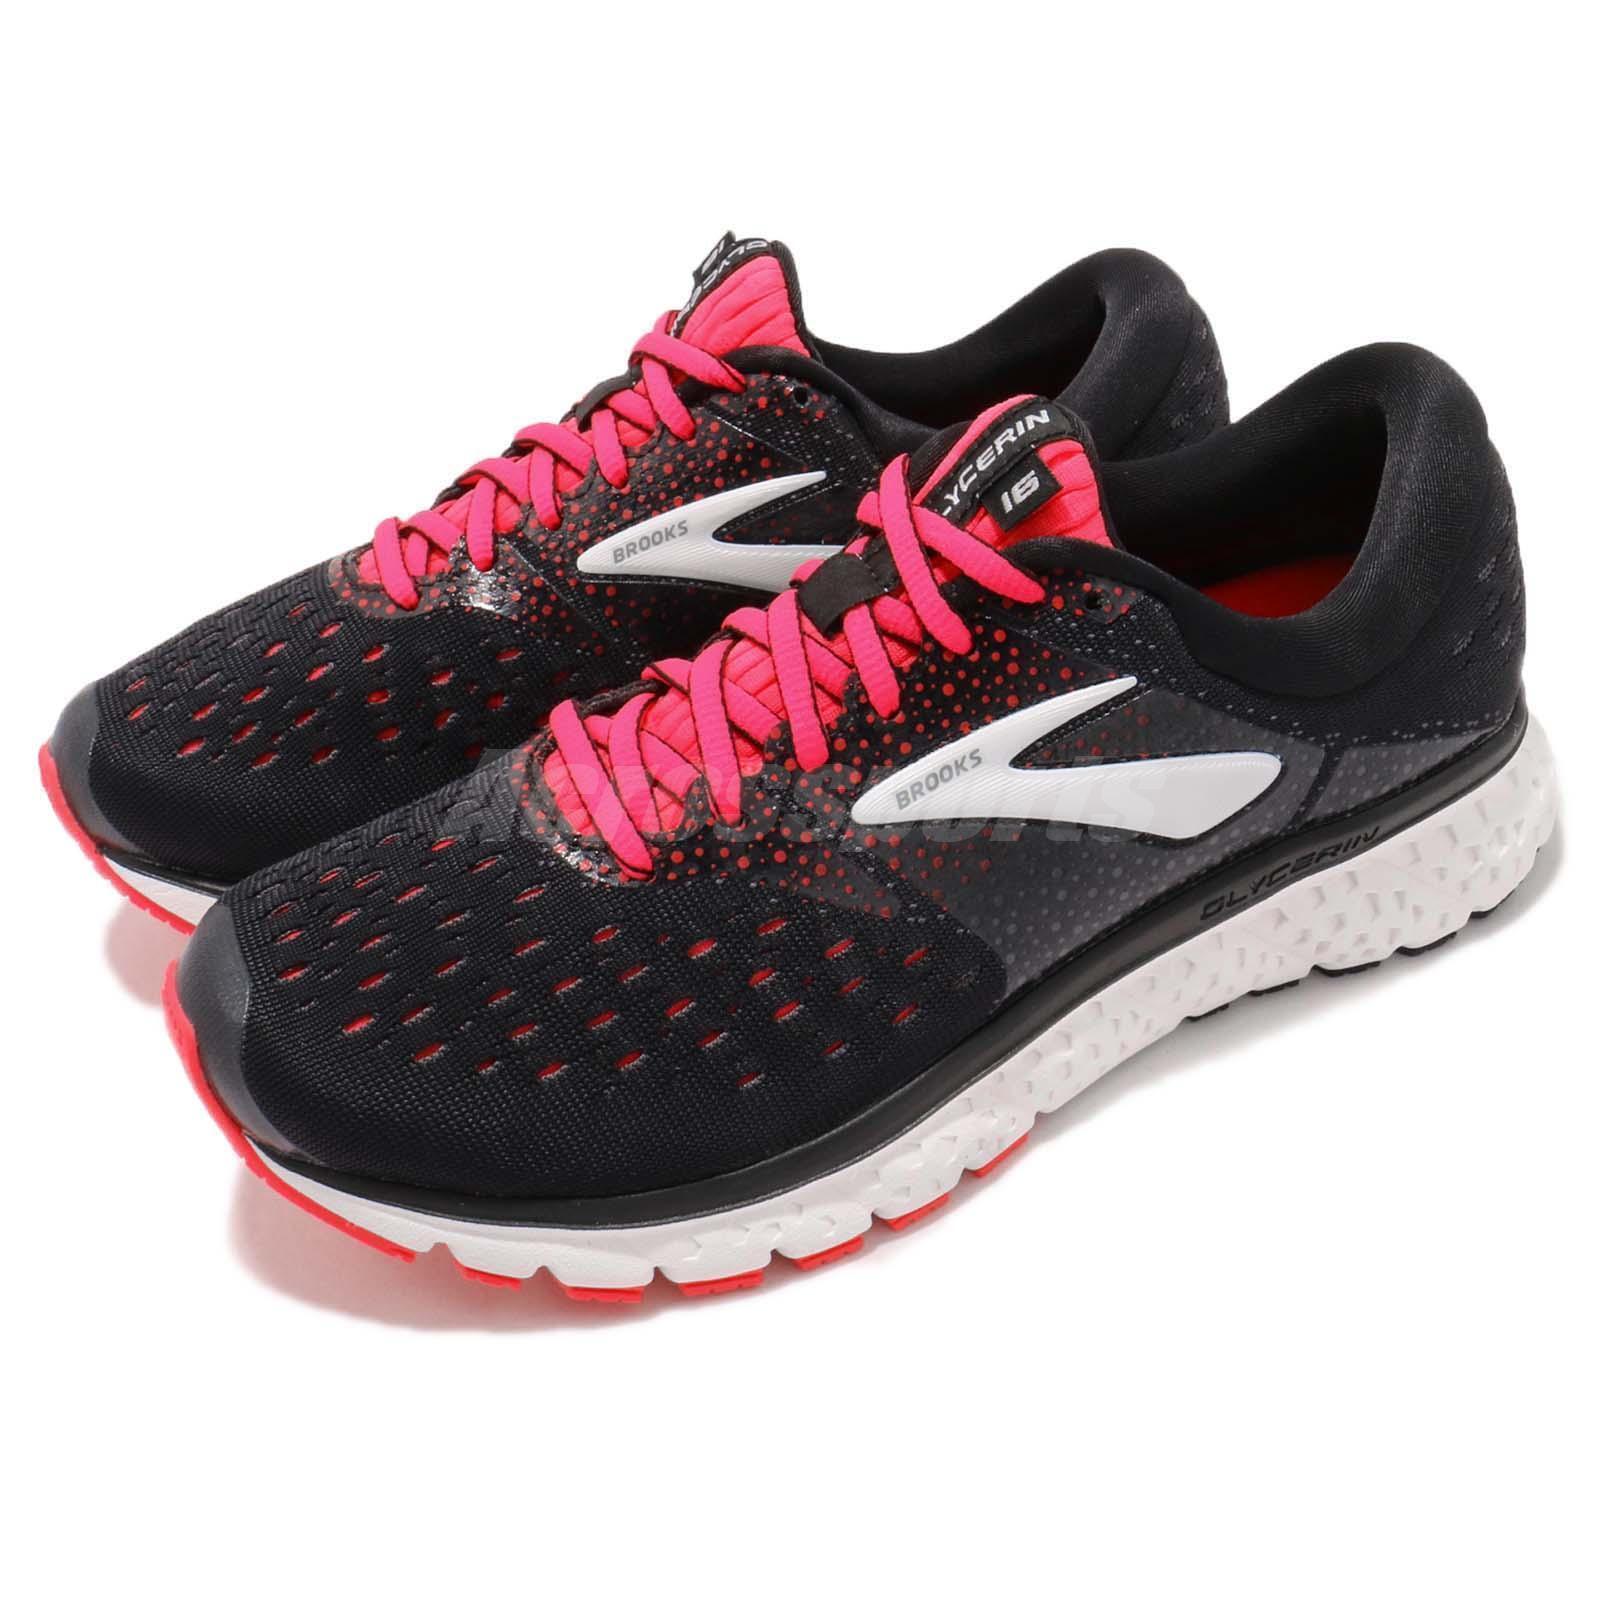 Brooks Glycerin 16 D WIDE Noir Rose Blanc Femme Running Chaussures Sneaker 120278 1D